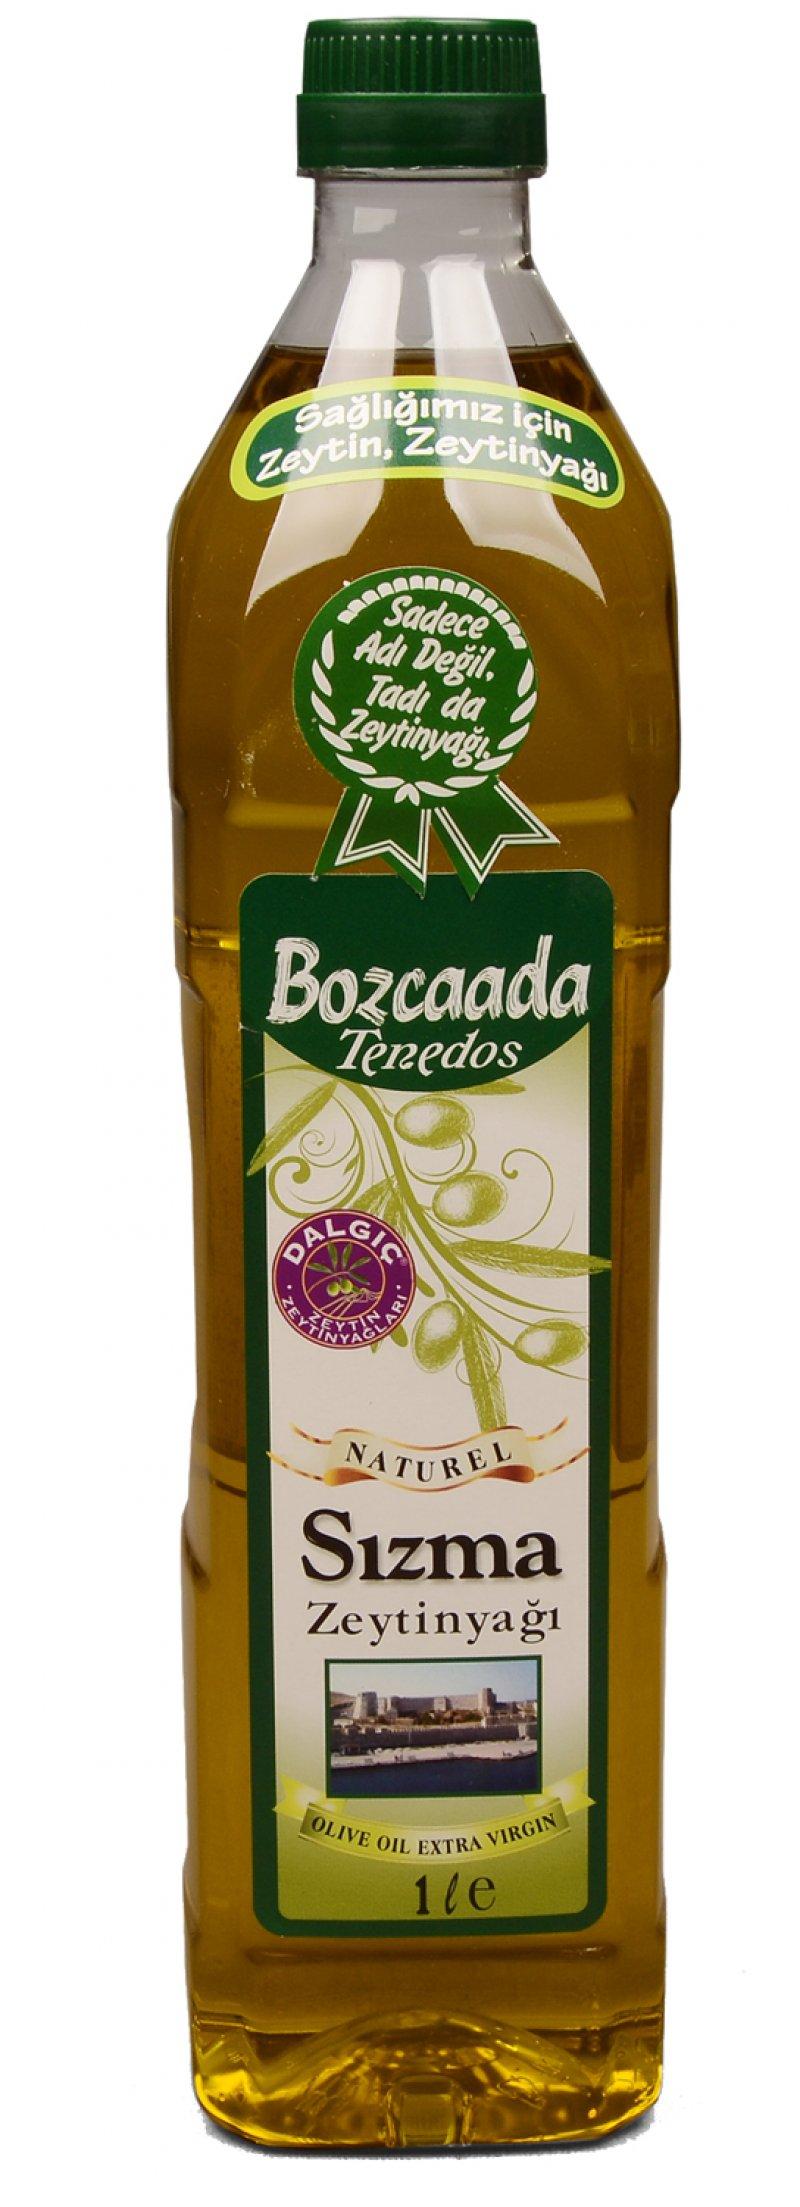 Bozcaada Tenedos Olive Oil